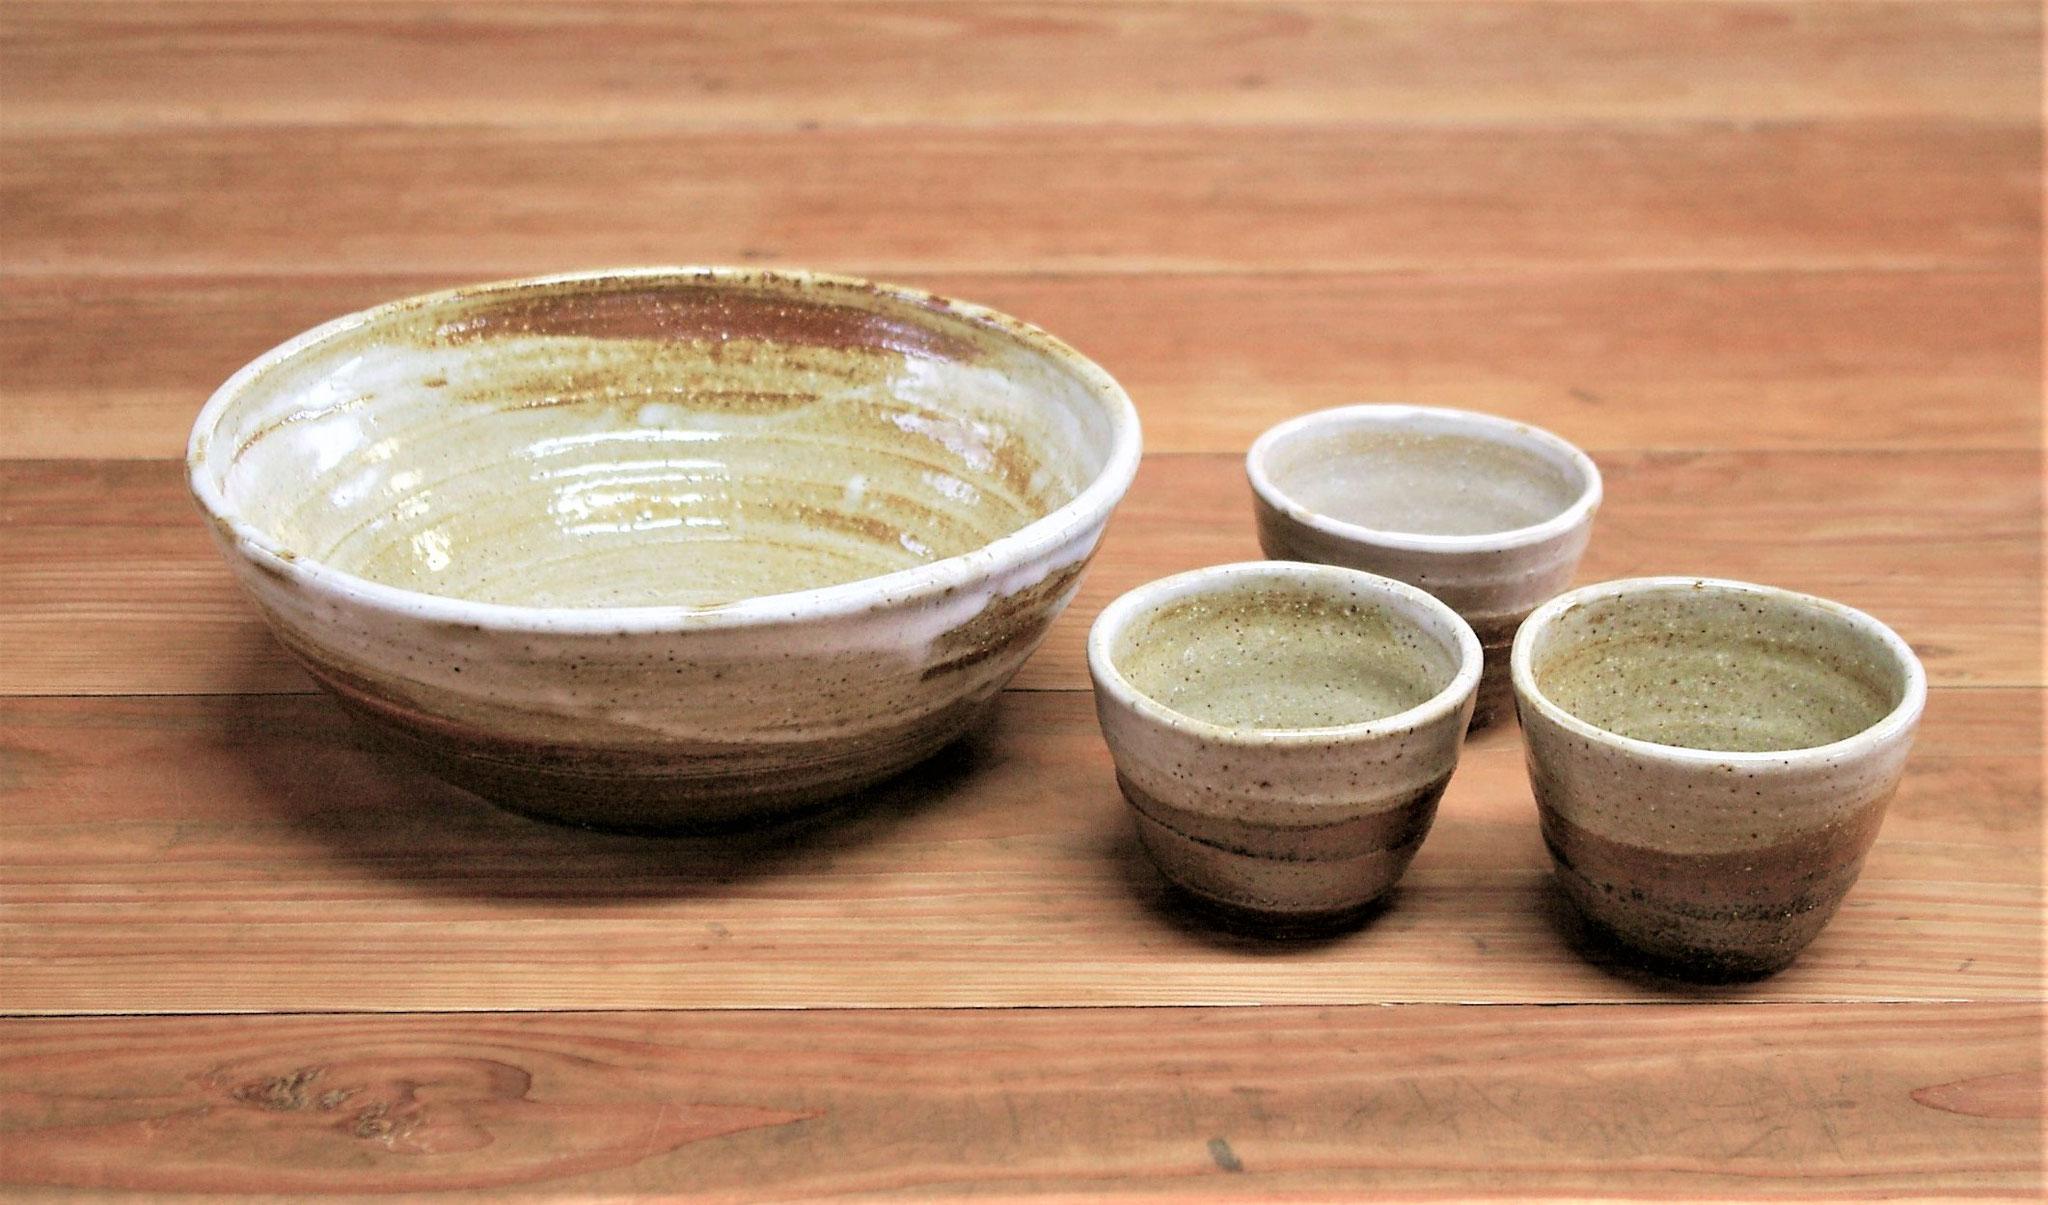 ソーメン鉢と猪口  施釉:内側に白マット、外側に薄い黄瀬戸